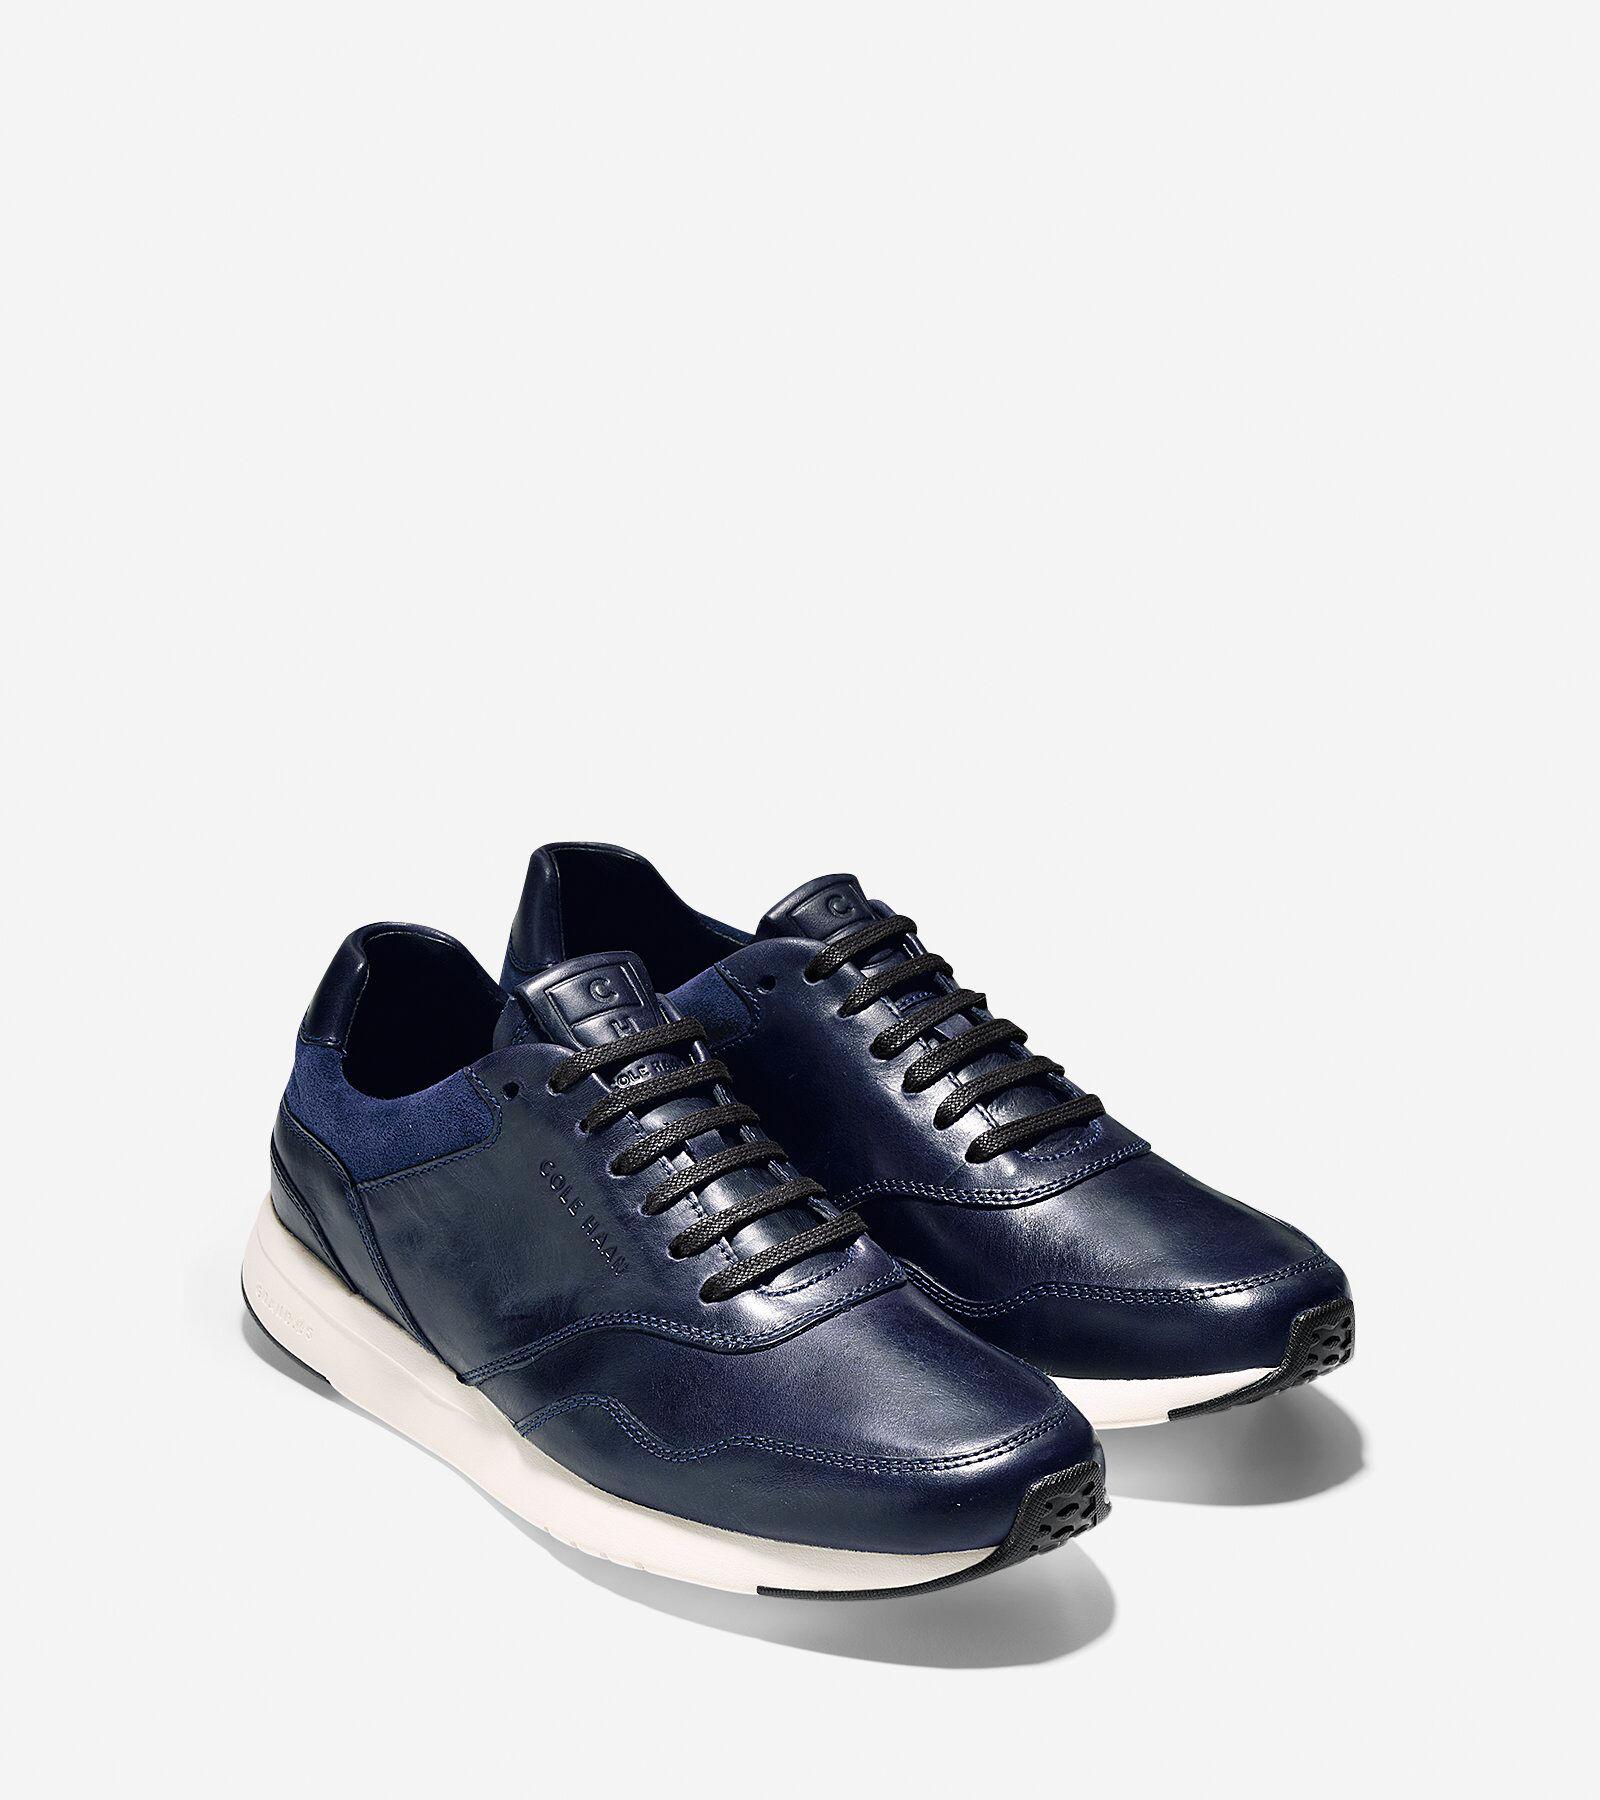 ... Men's GrandPrø Running Sneaker; Men's GrandPrø Running Sneaker; Men's  GrandPrø Running Sneaker. #colehaan